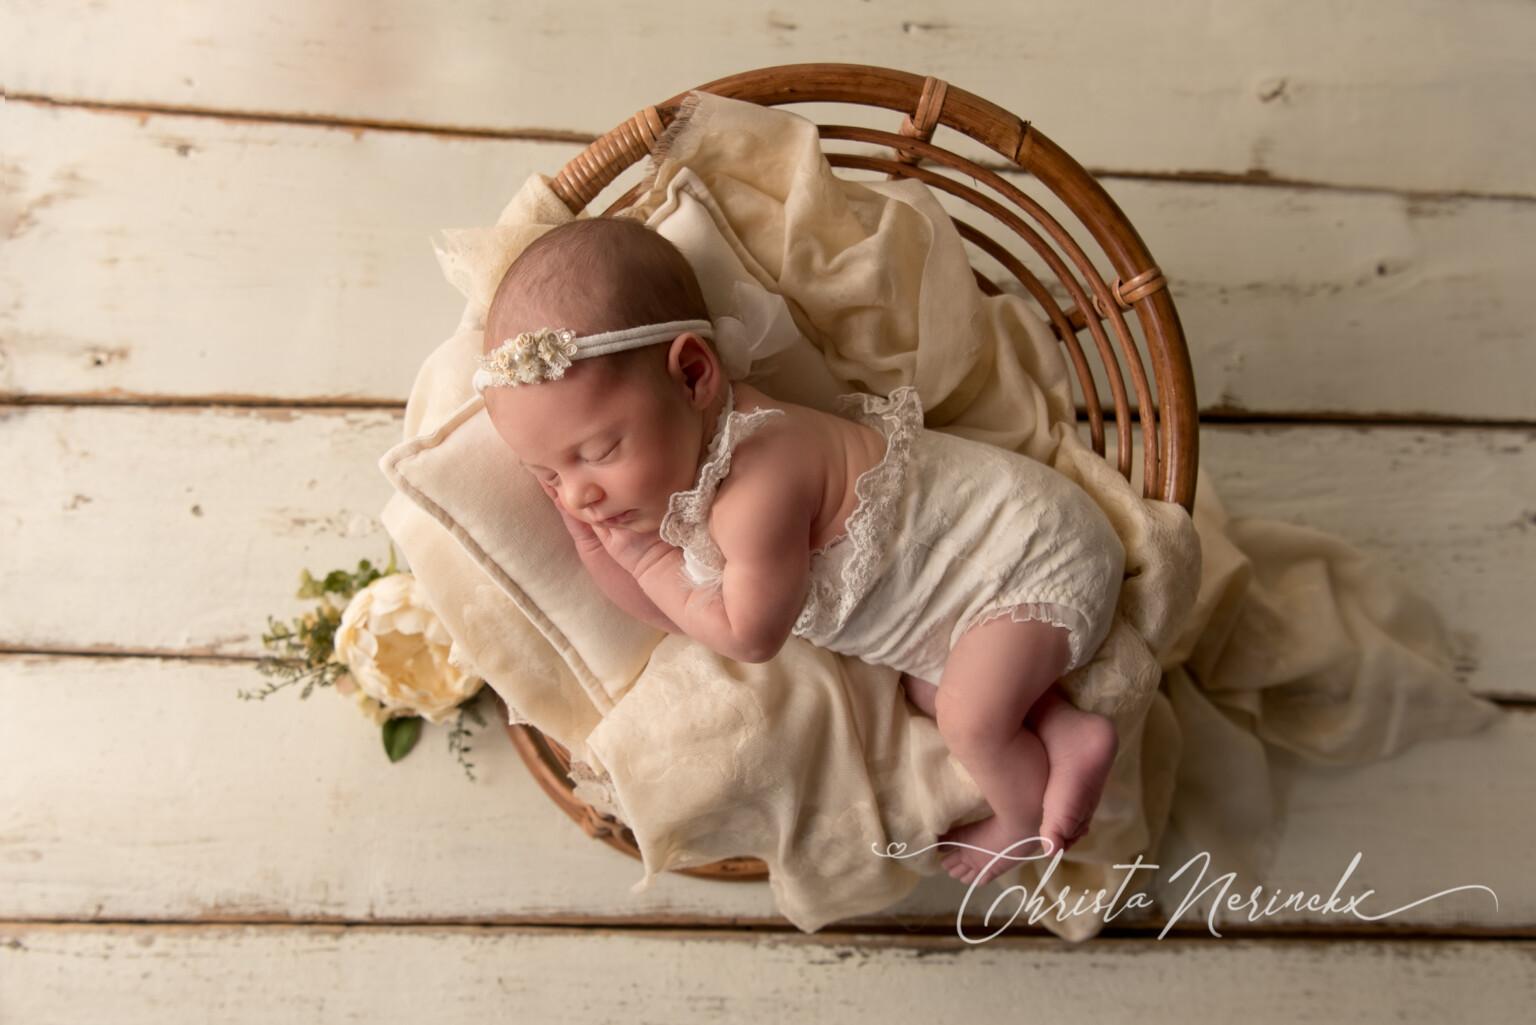 christanerinckx_newbornfotografie-125